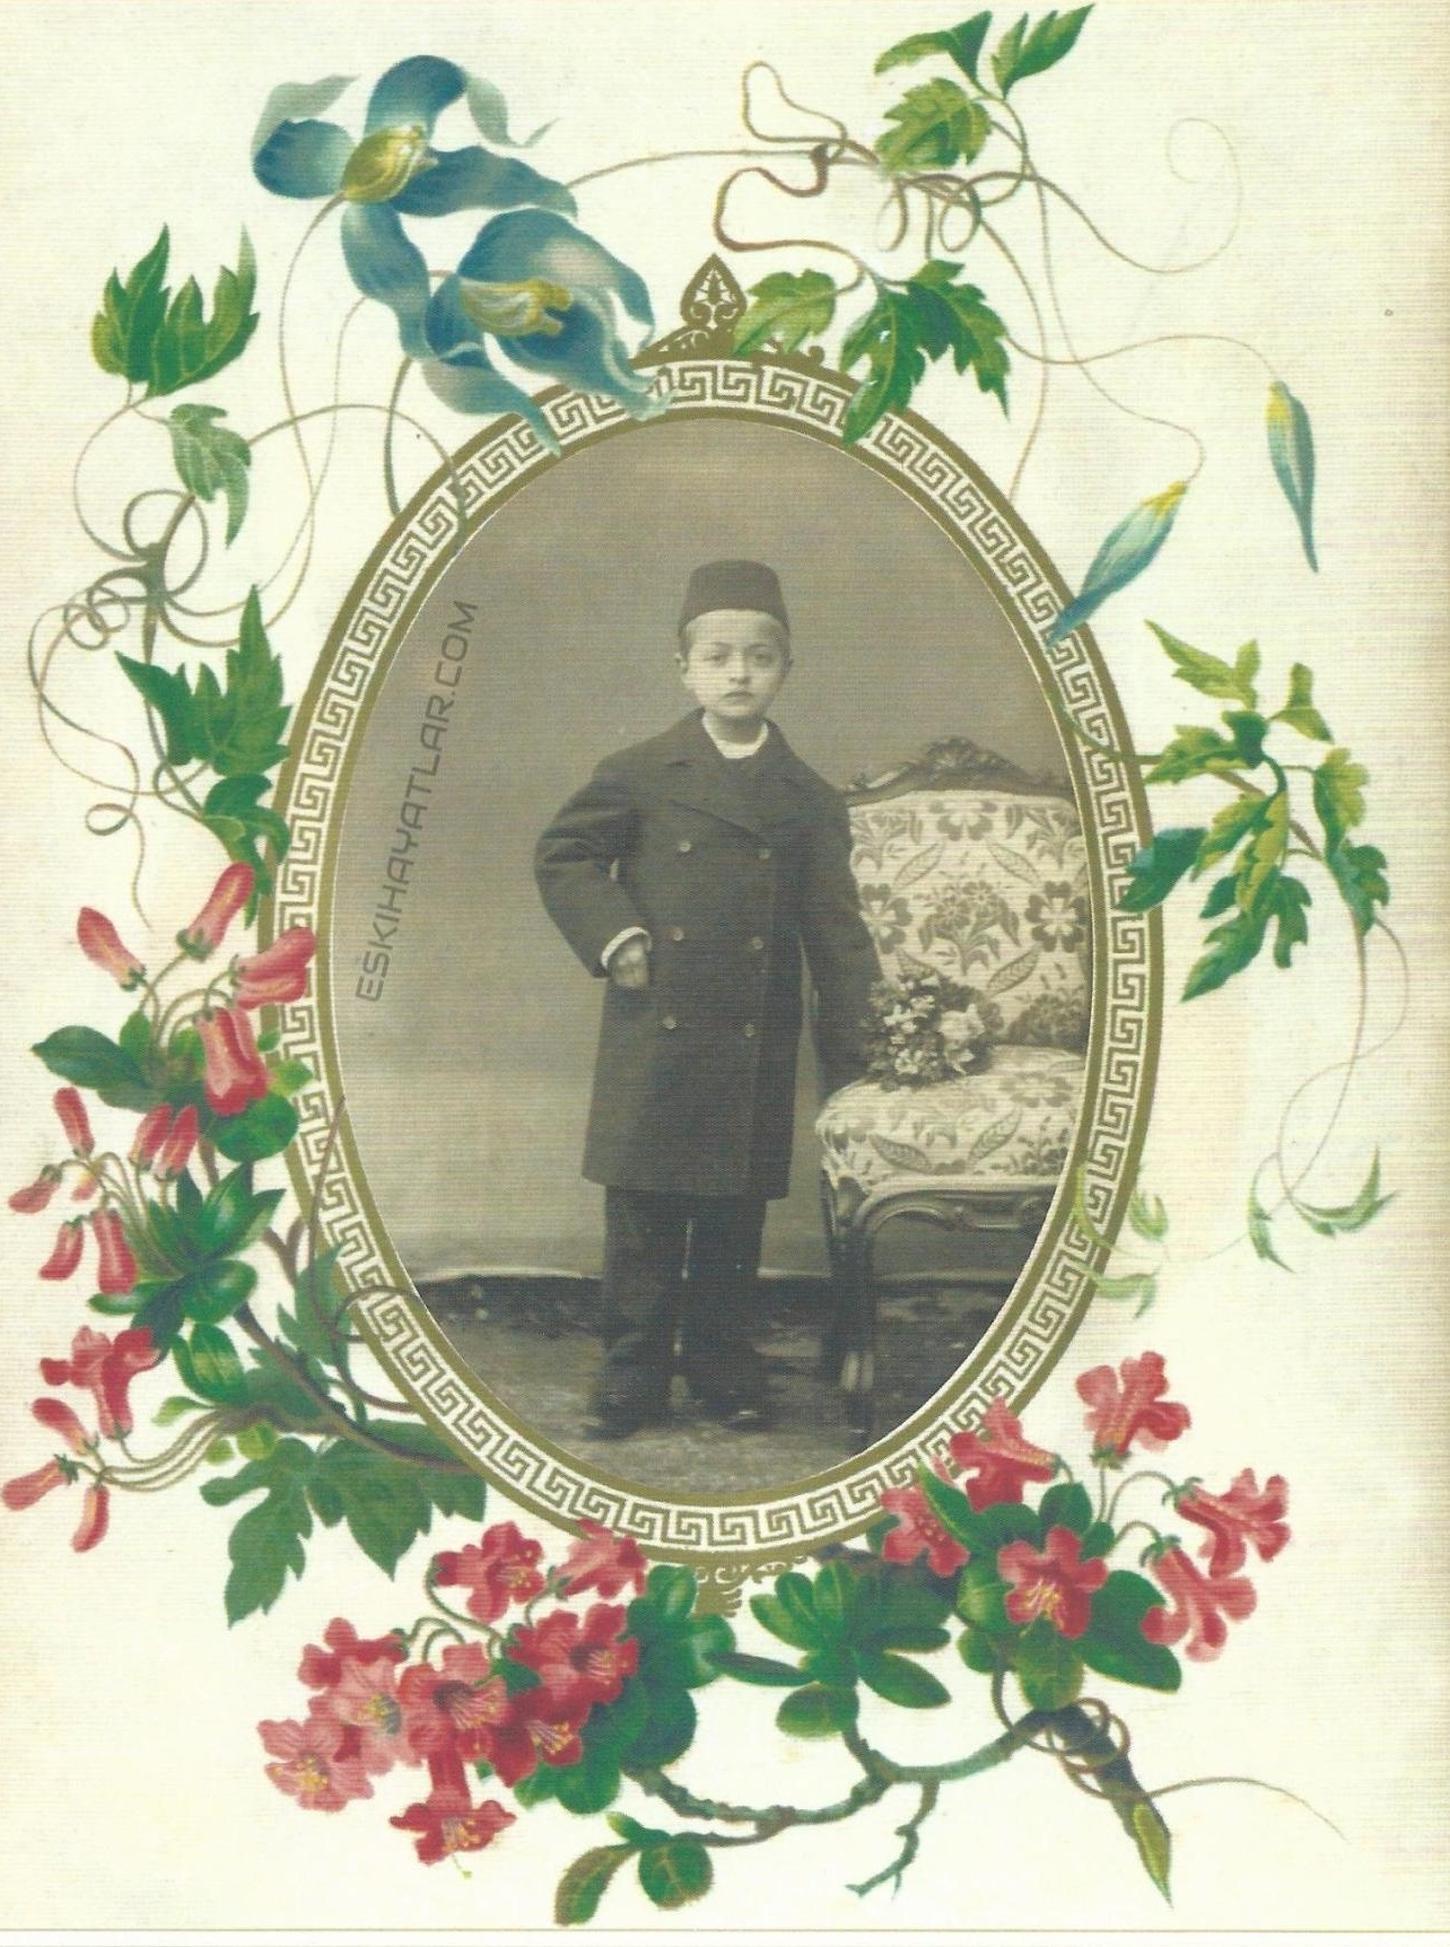 sultan-abdulhamid-in-aile-albumleri-abdullah-biraderler-fotograflari-yildiz-sarayinda-cekilen-resimler-mahmud-sevket-efendi (2)